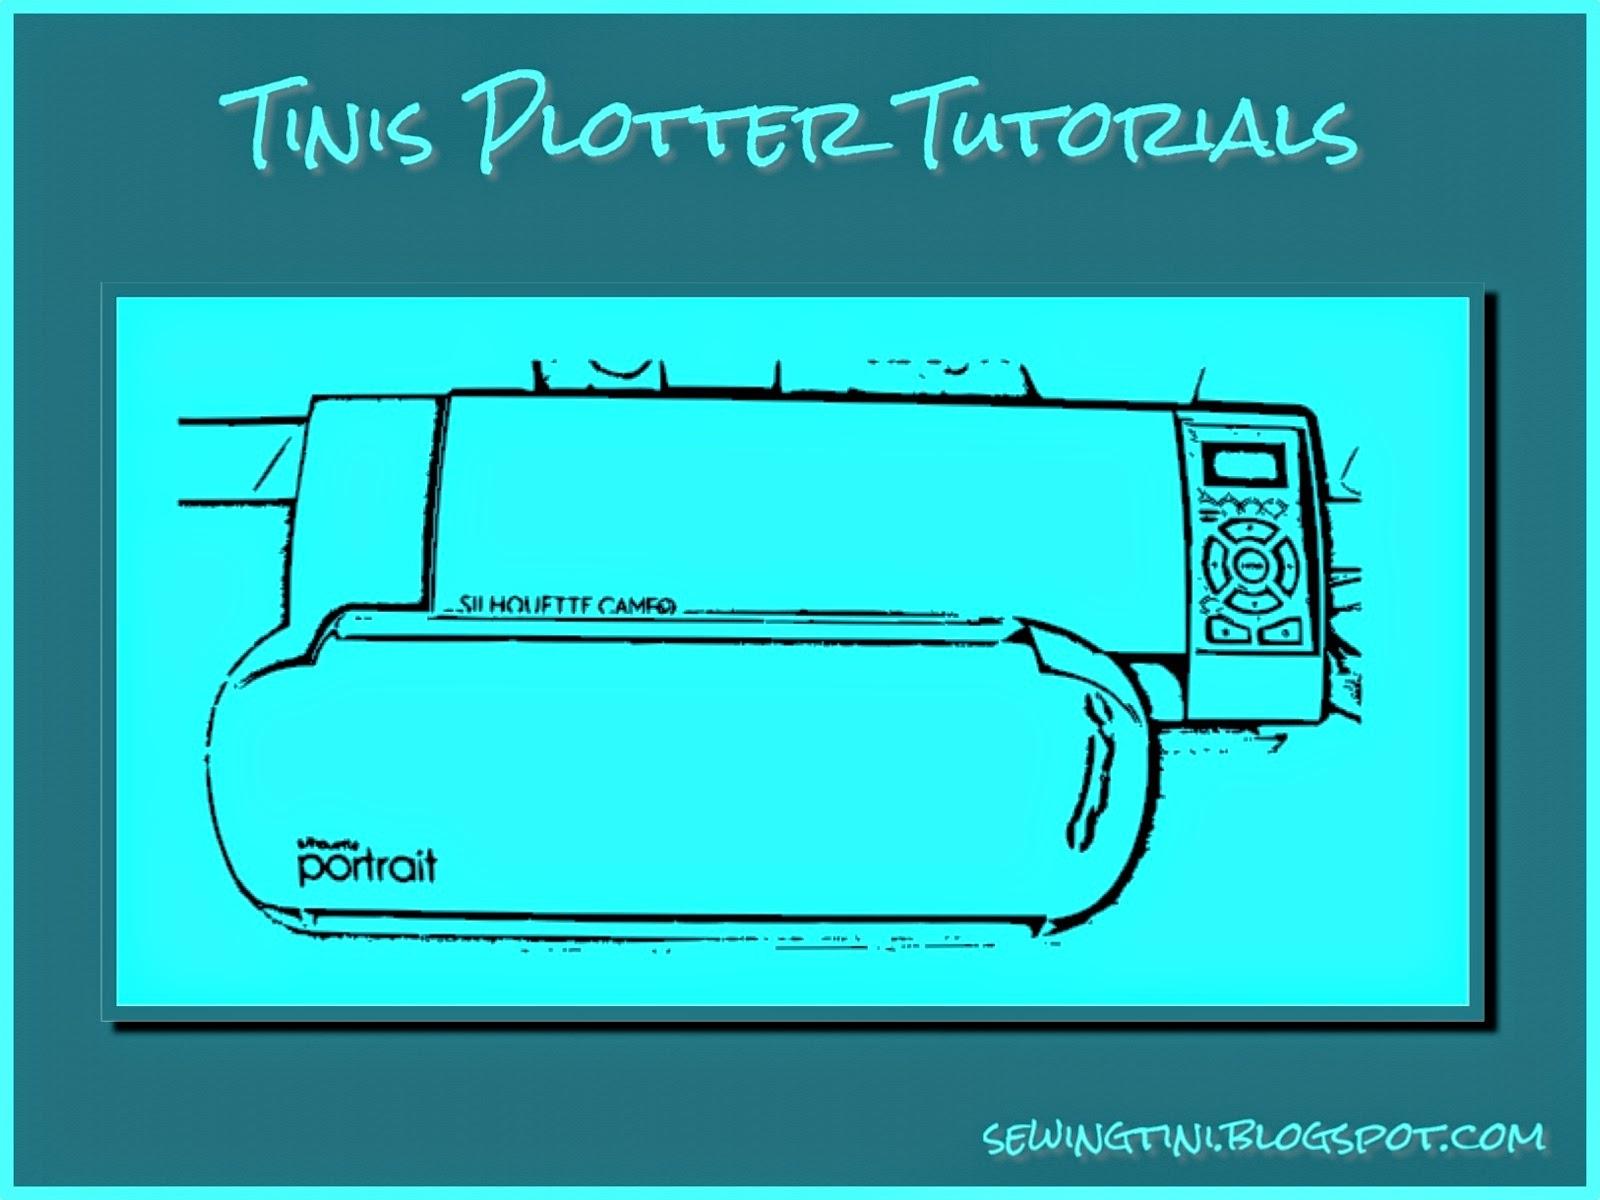 Tinis Plotter-Tutorials - Folge 4 - das Nachzeichnen